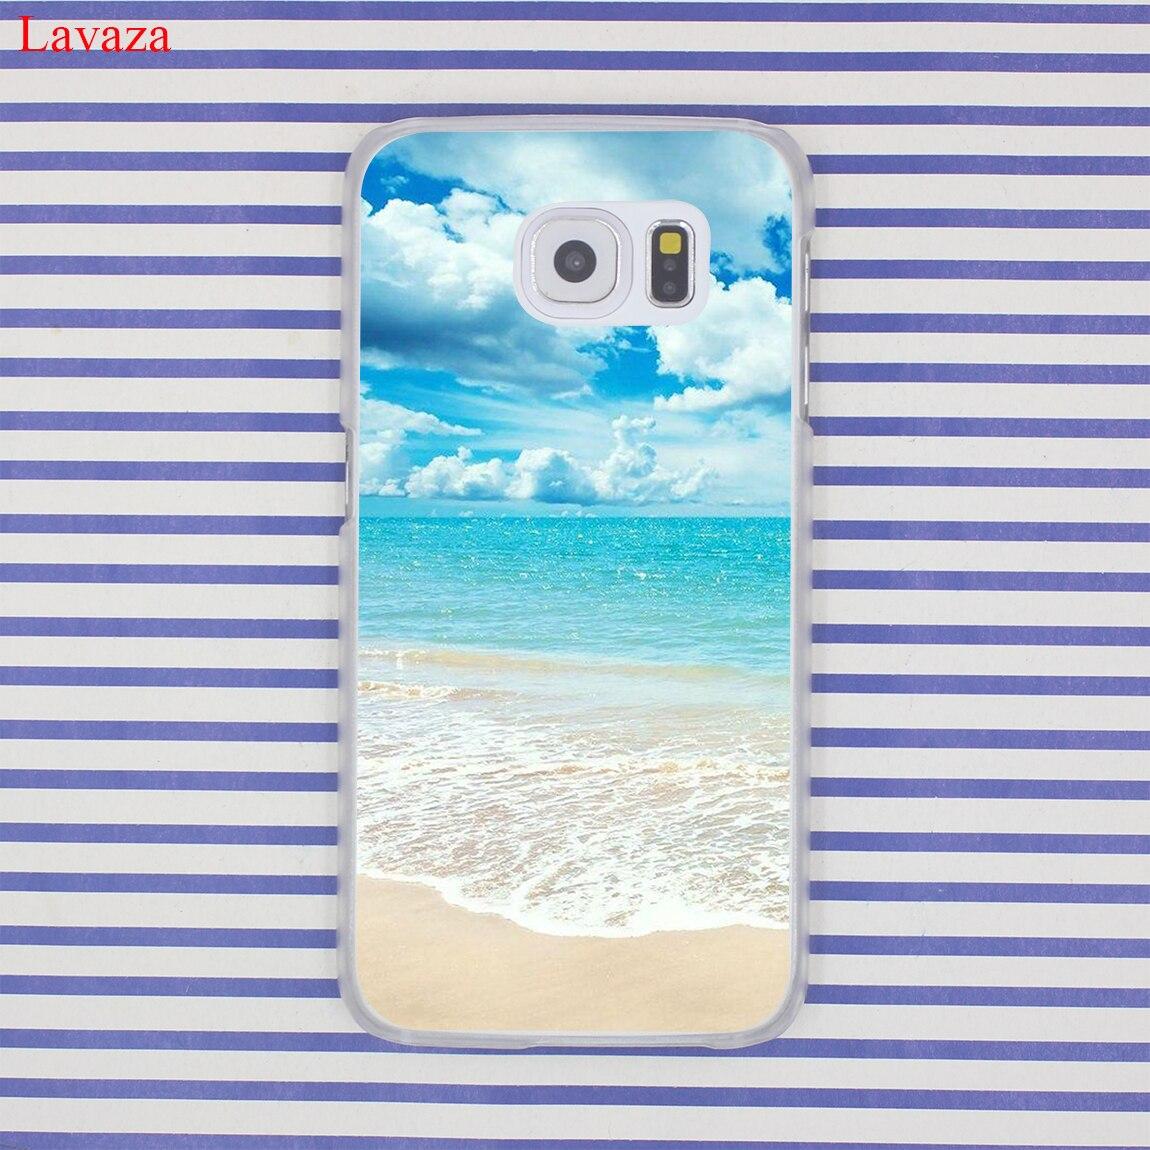 Funda de teléfono Lavaza Clear Sea Sky Sandy beach para Samsung - Accesorios y repuestos para celulares - foto 3